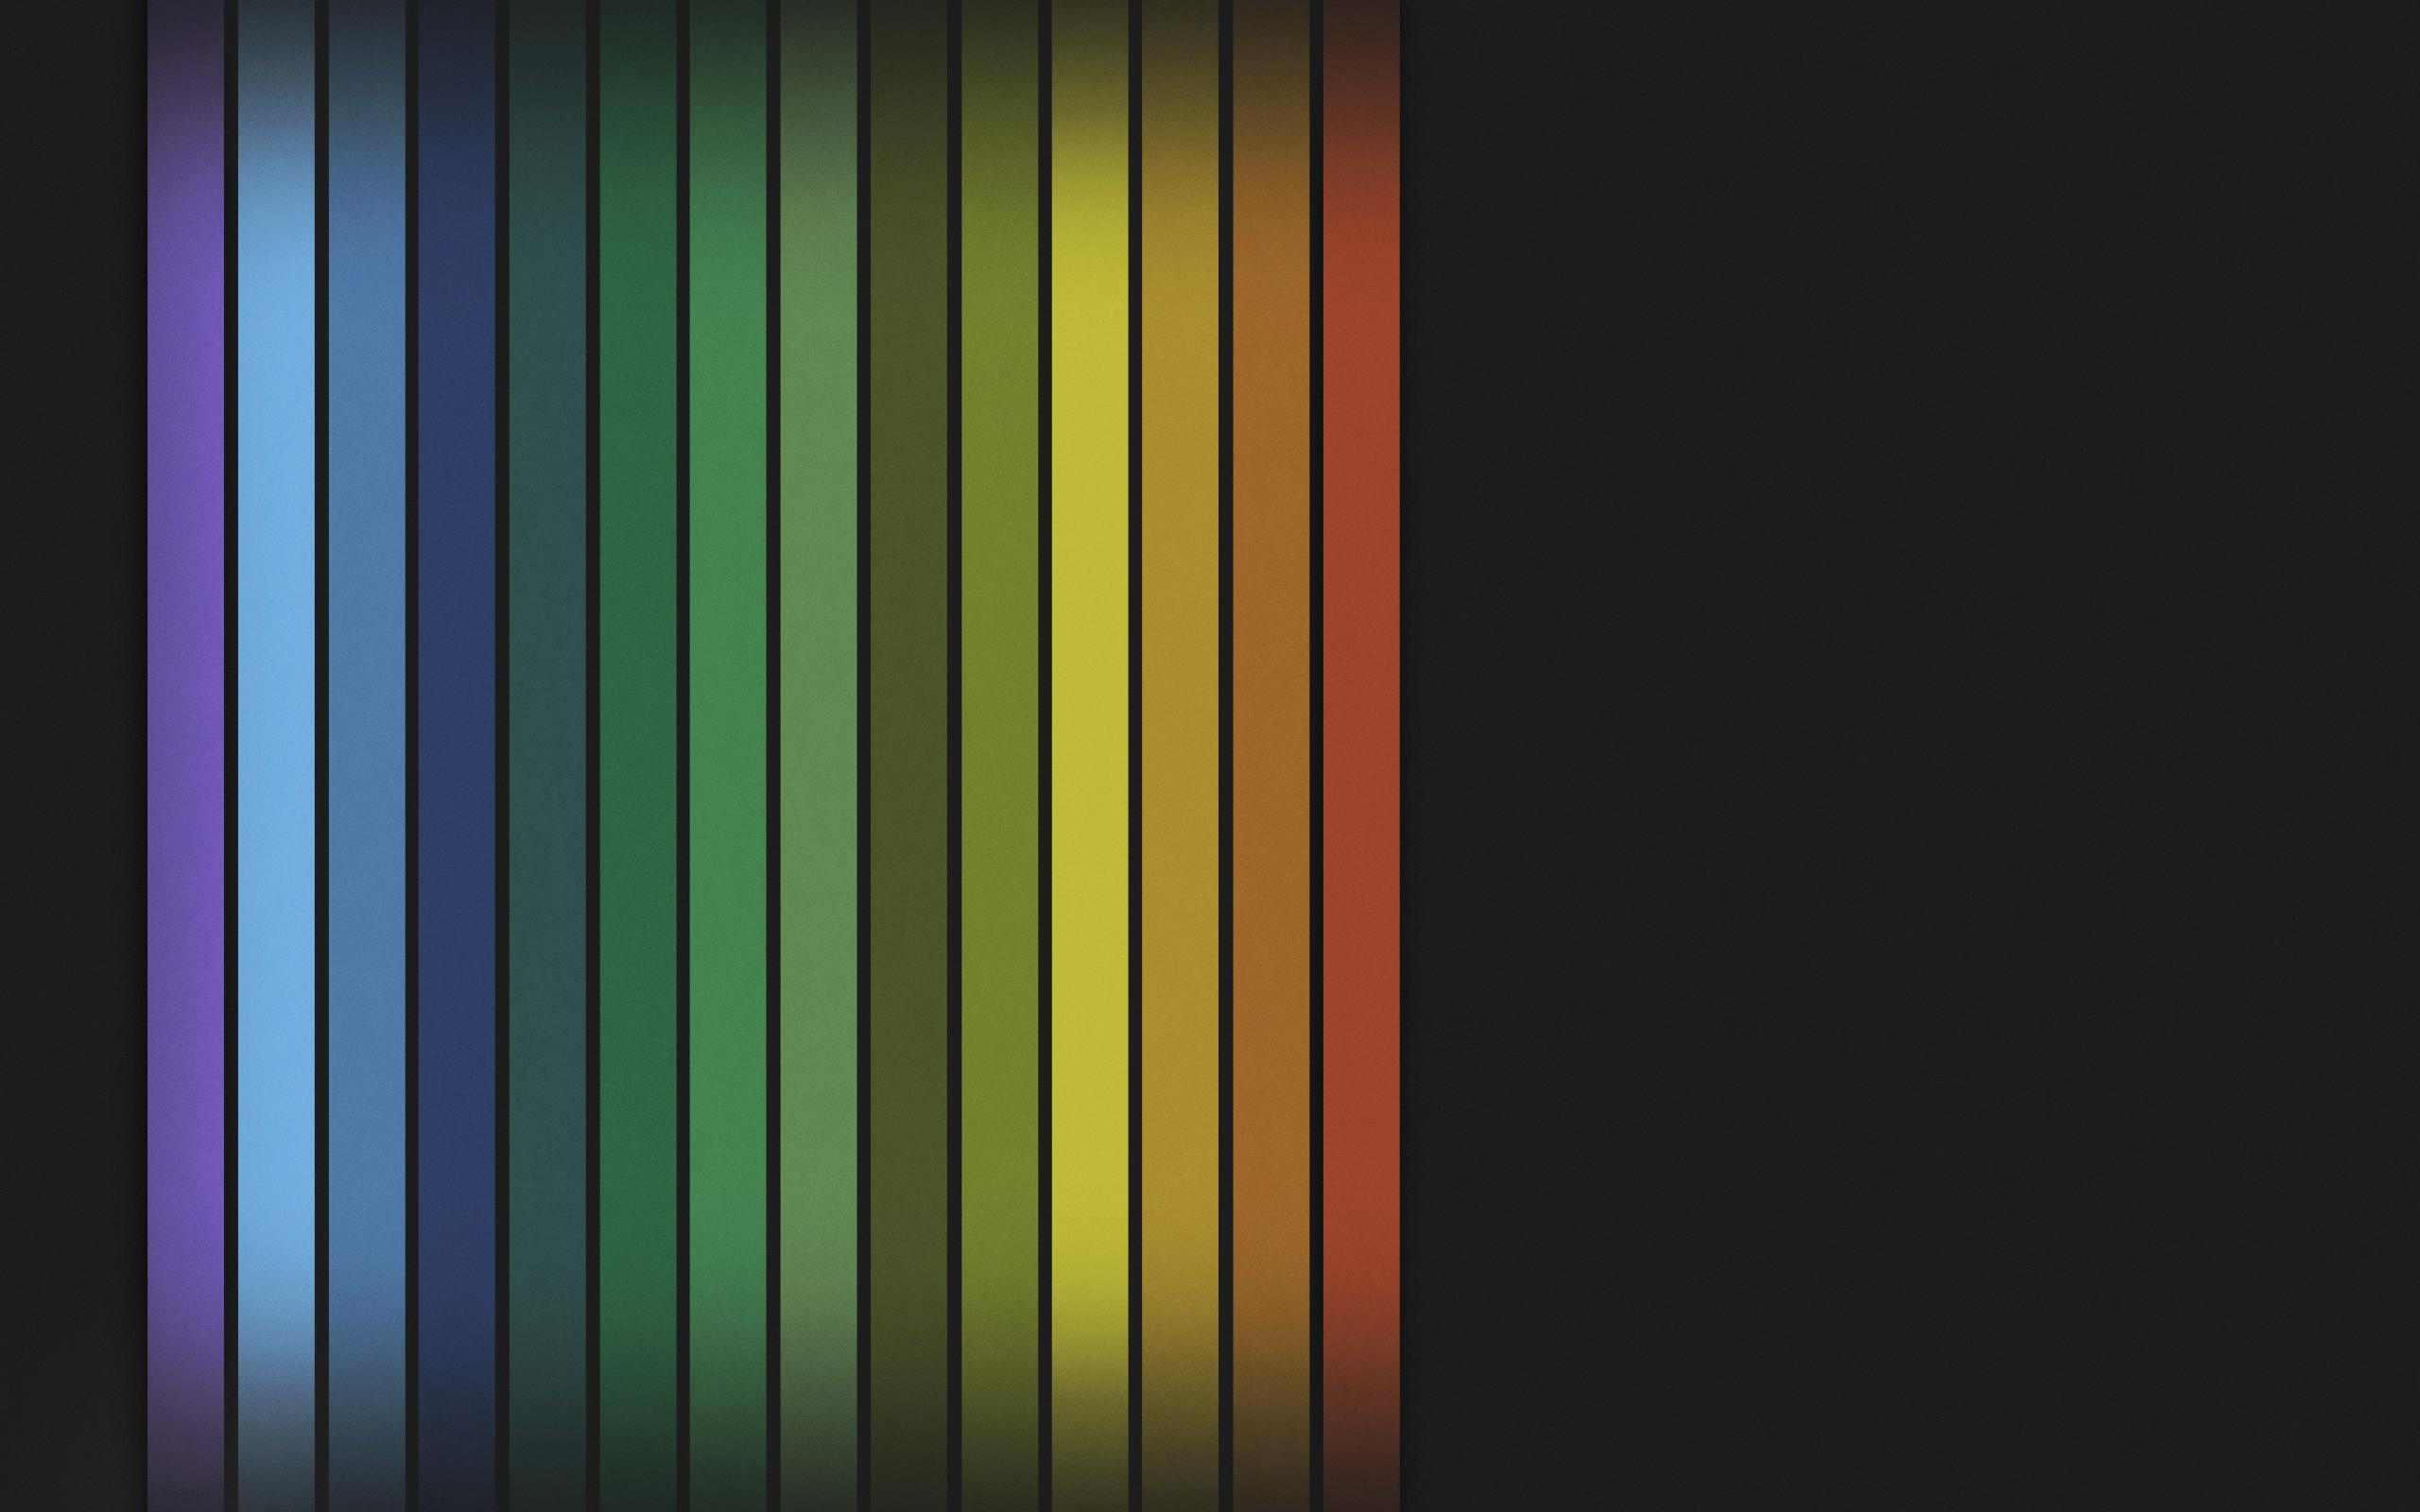 デスクトップ壁紙 抽象 ミニマリズム テキスト 黄 パターン